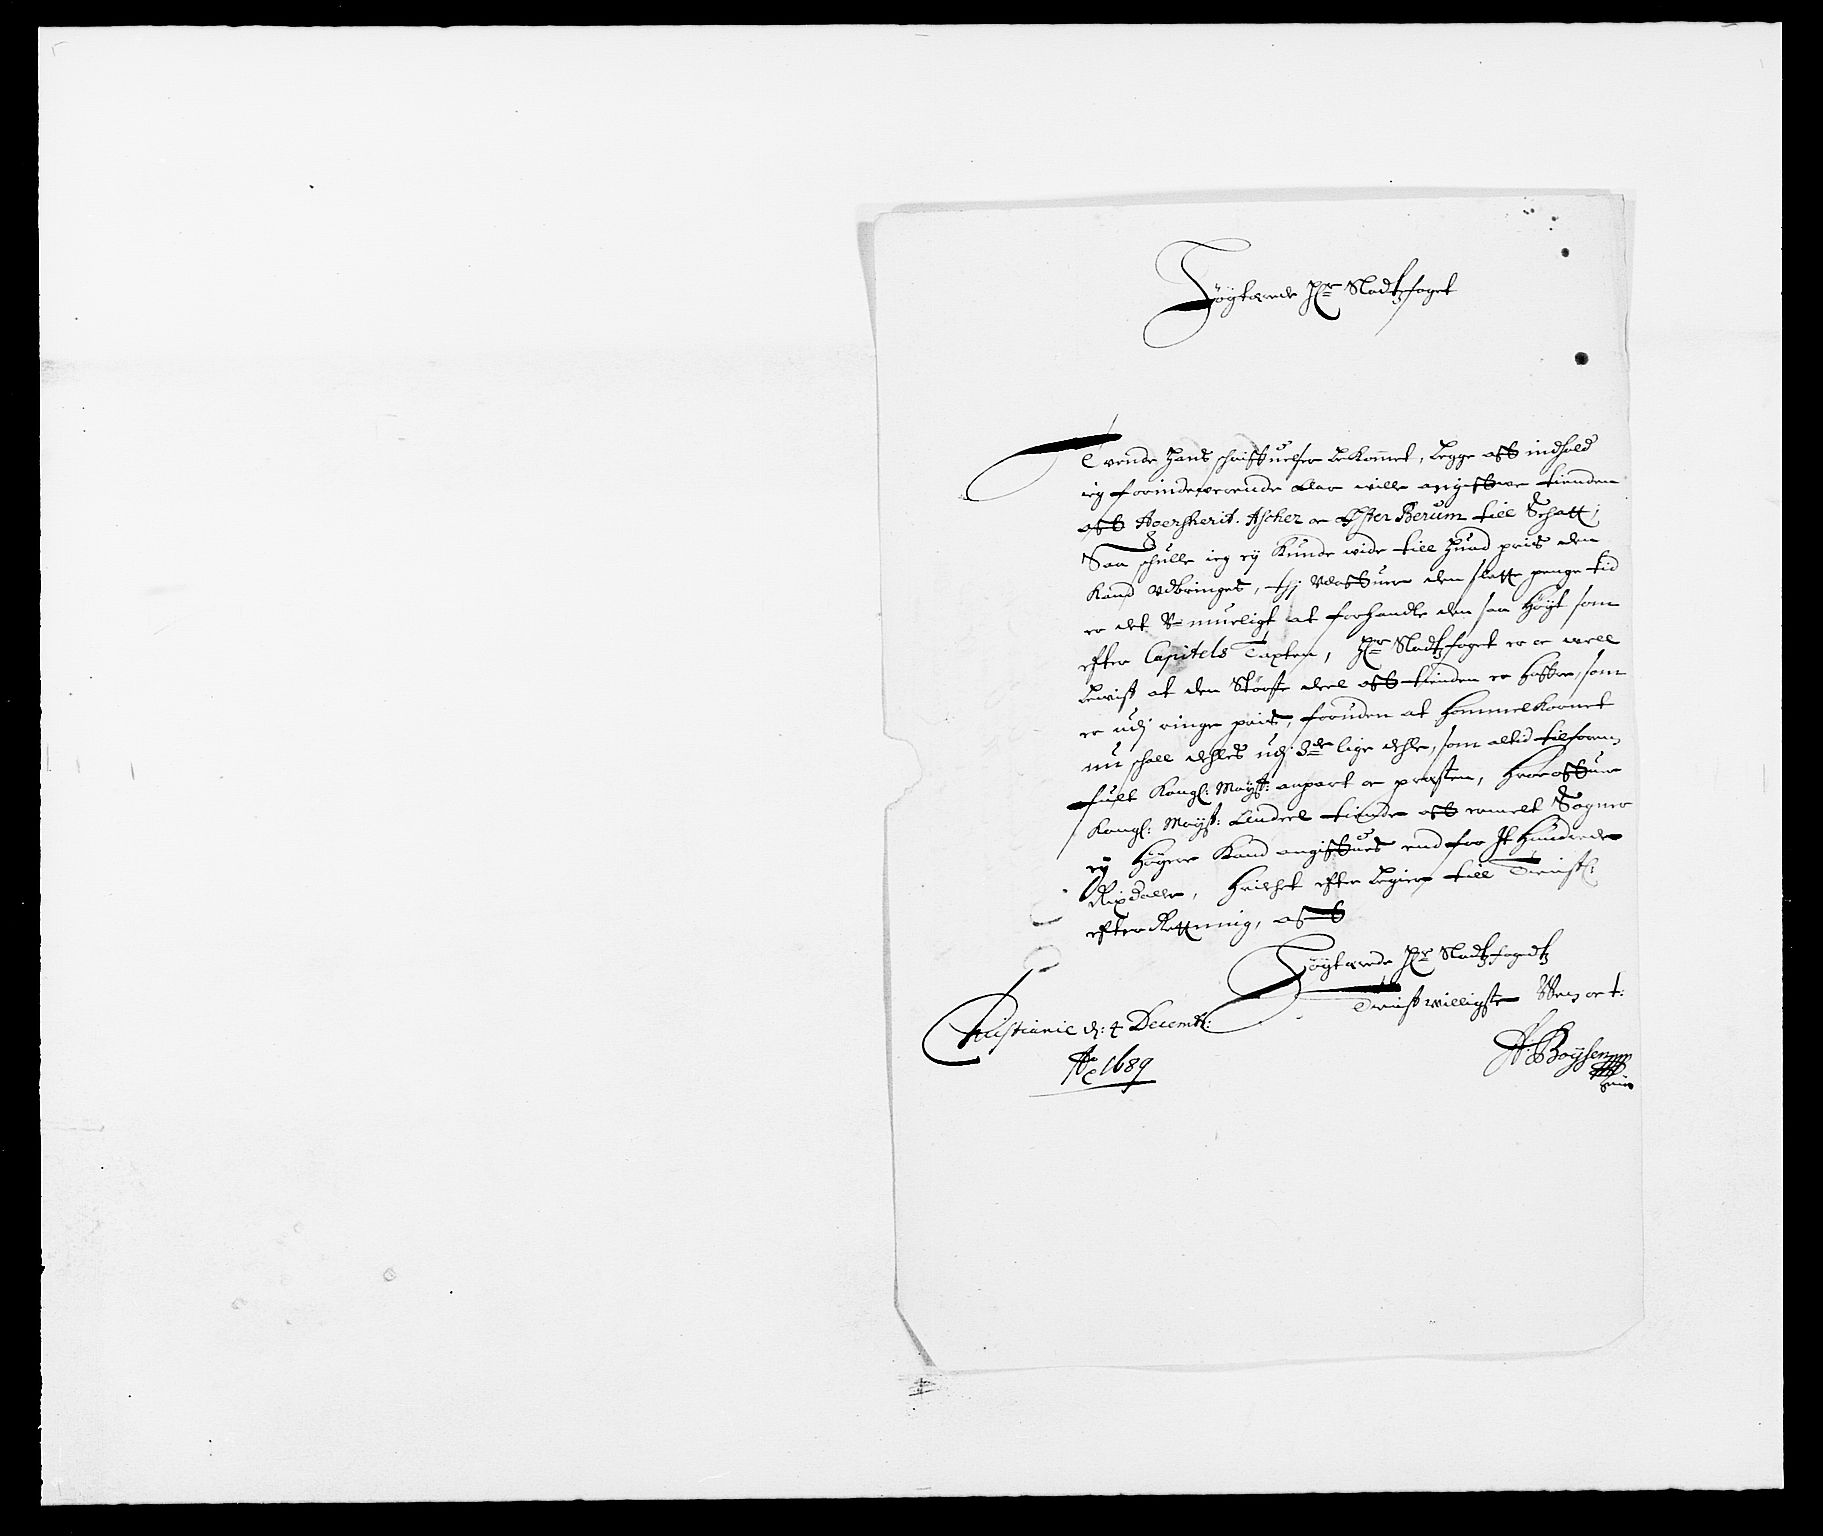 RA, Rentekammeret inntil 1814, Reviderte regnskaper, Fogderegnskap, R08/L0423: Fogderegnskap Aker, 1687-1689, s. 27